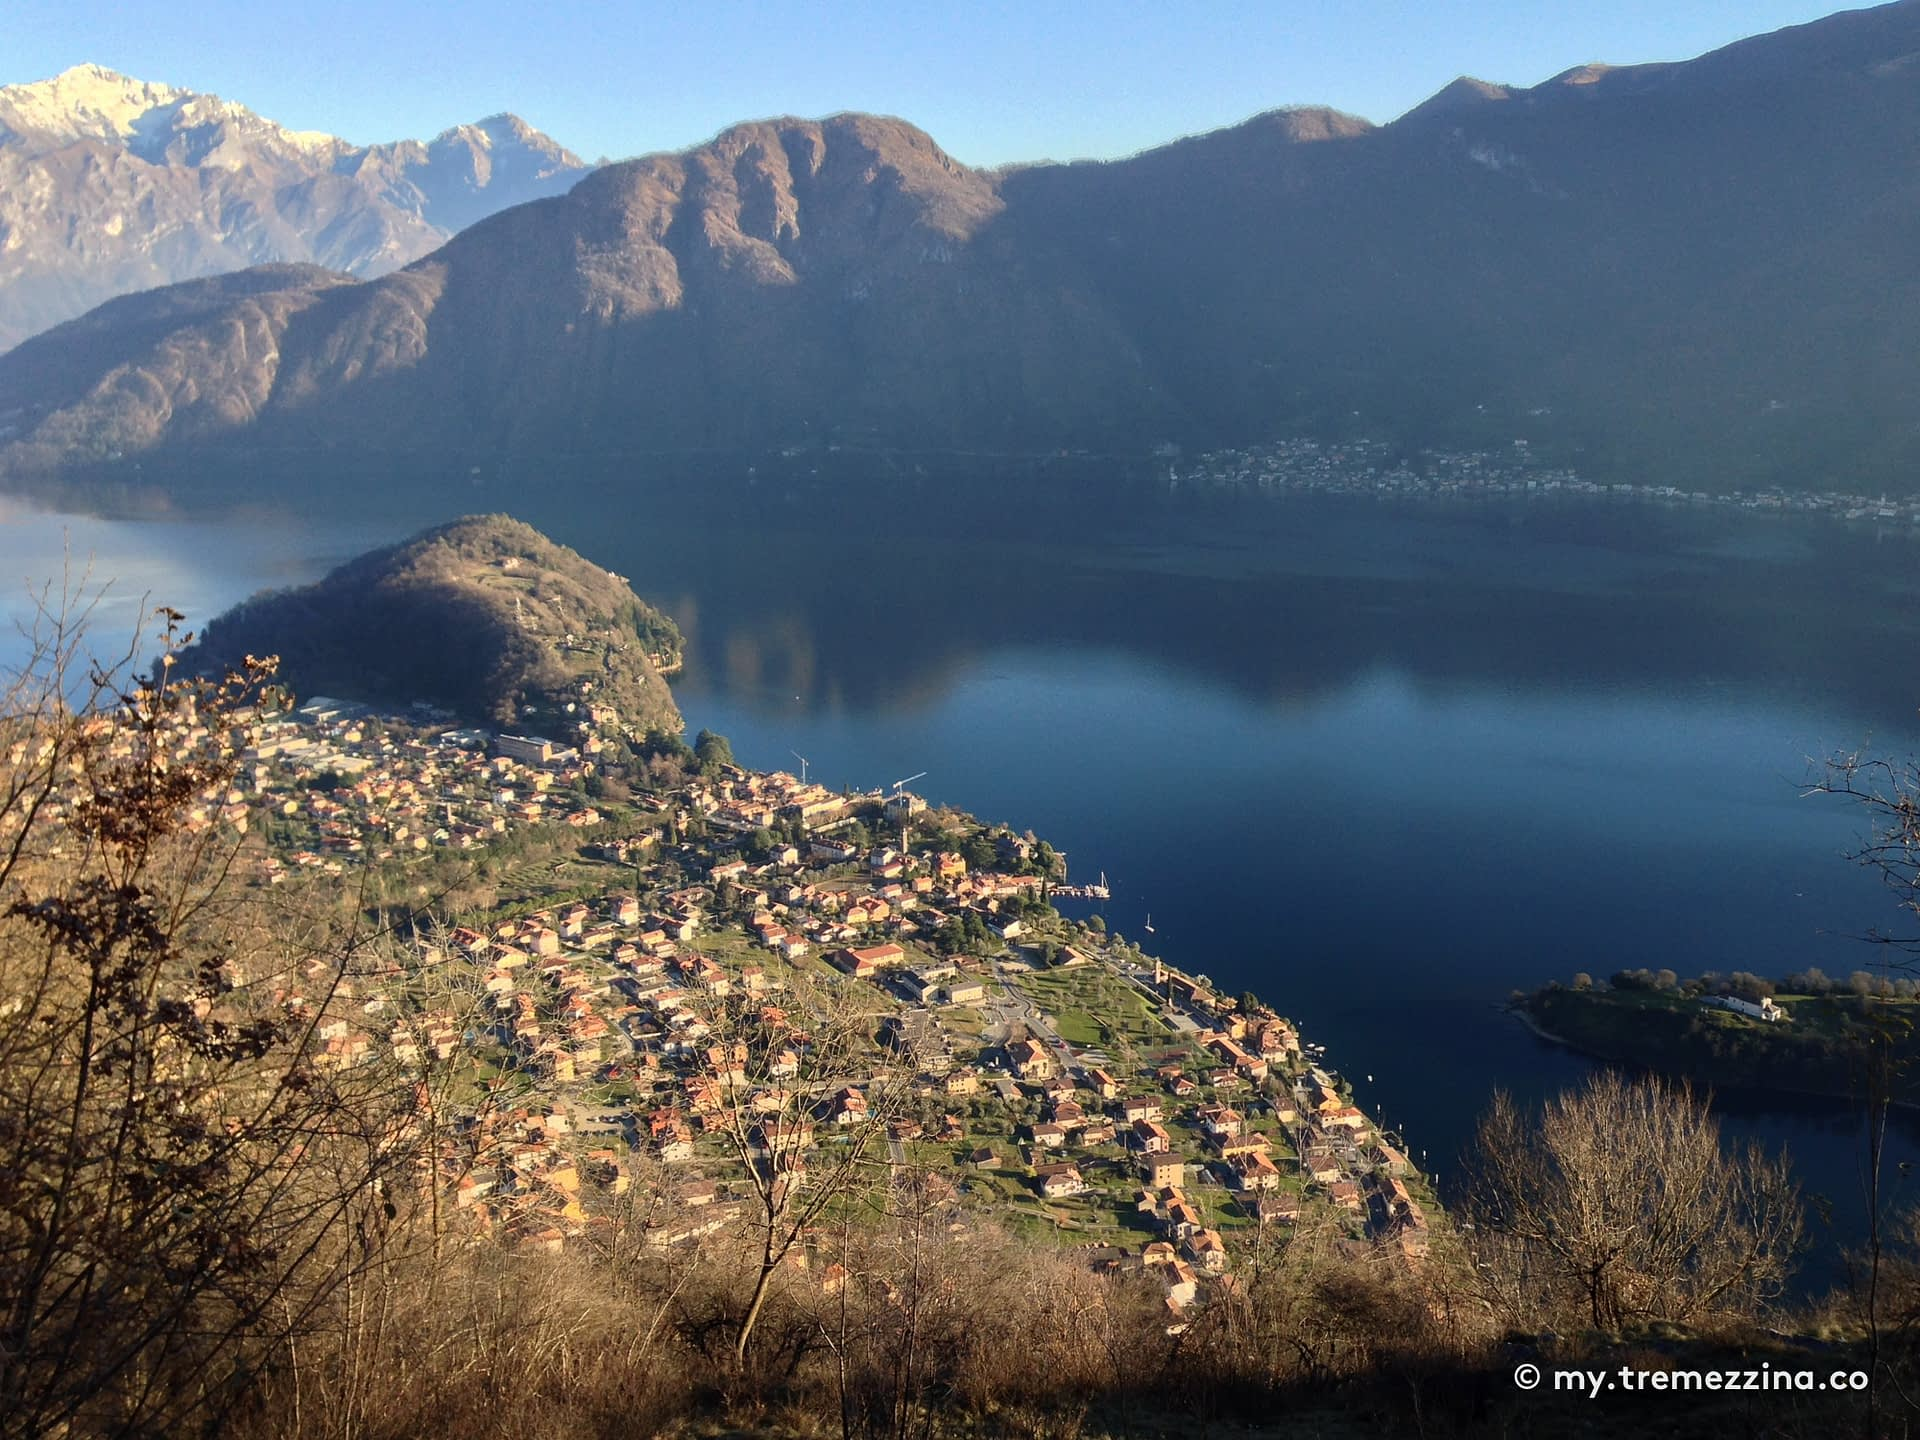 Tremezzina - Lago di Como